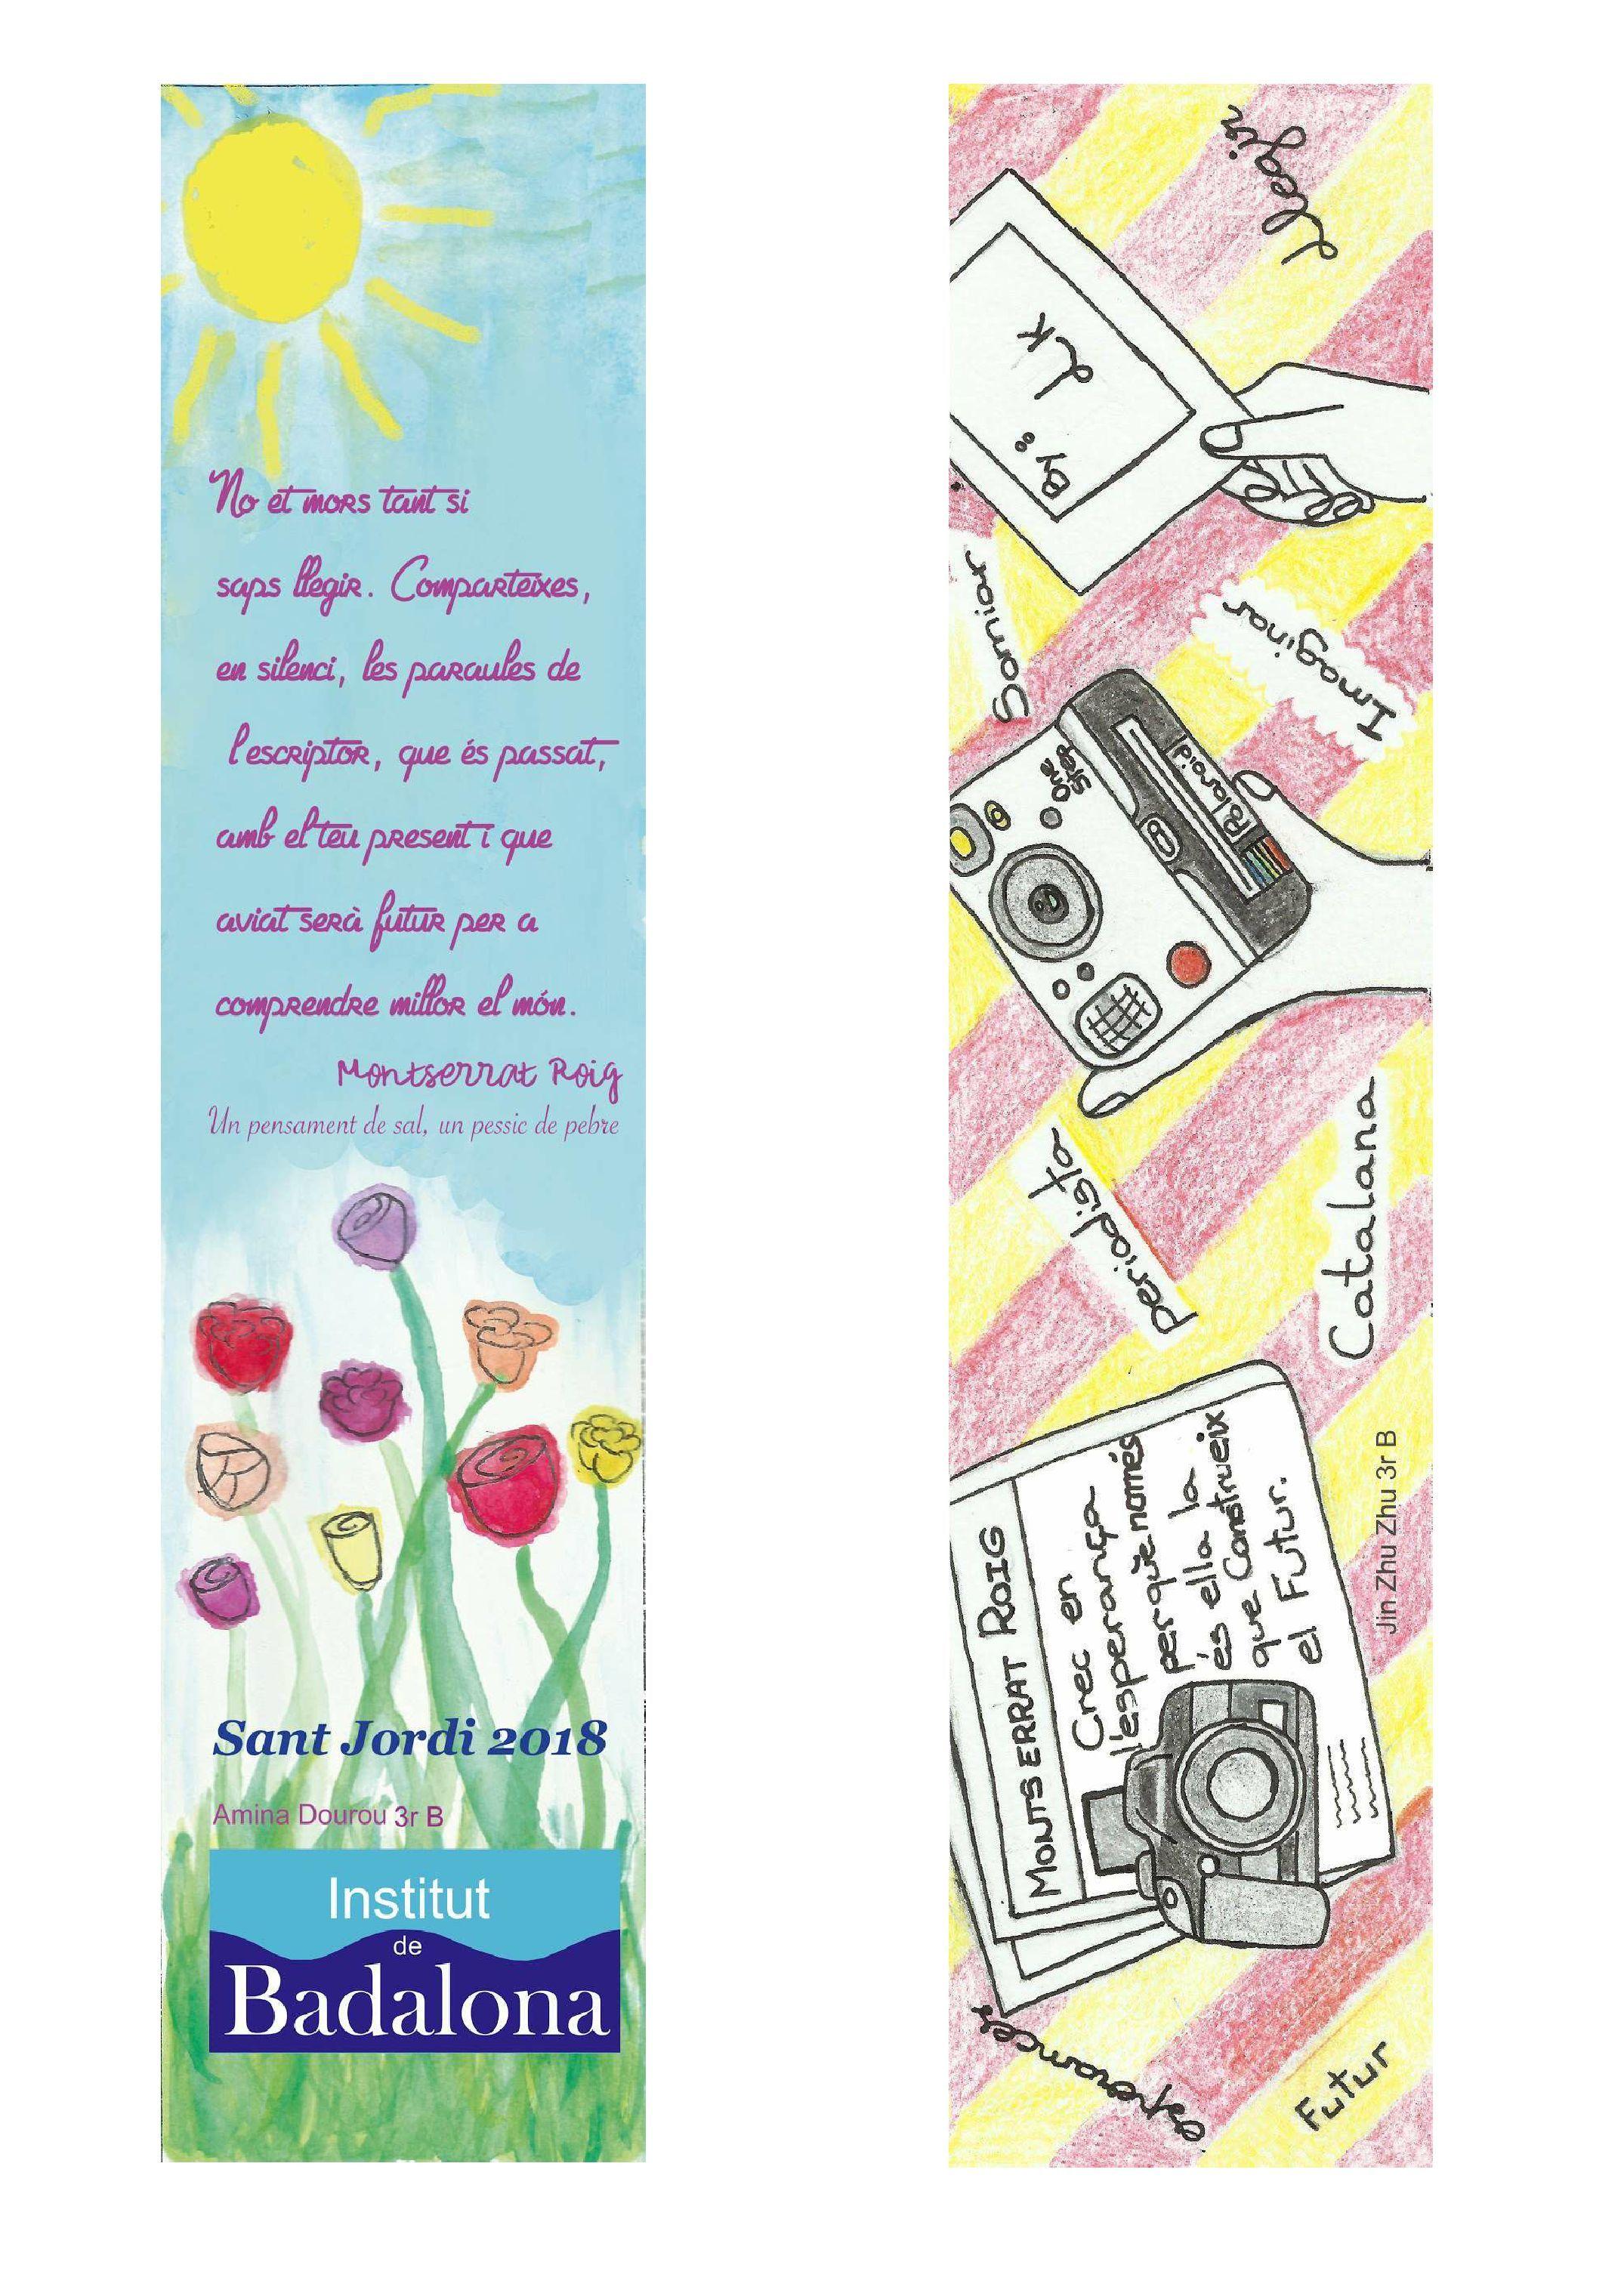 Amables Antes La Vecina premis literaris 2-flip book pages 1-49 | pubhtml5